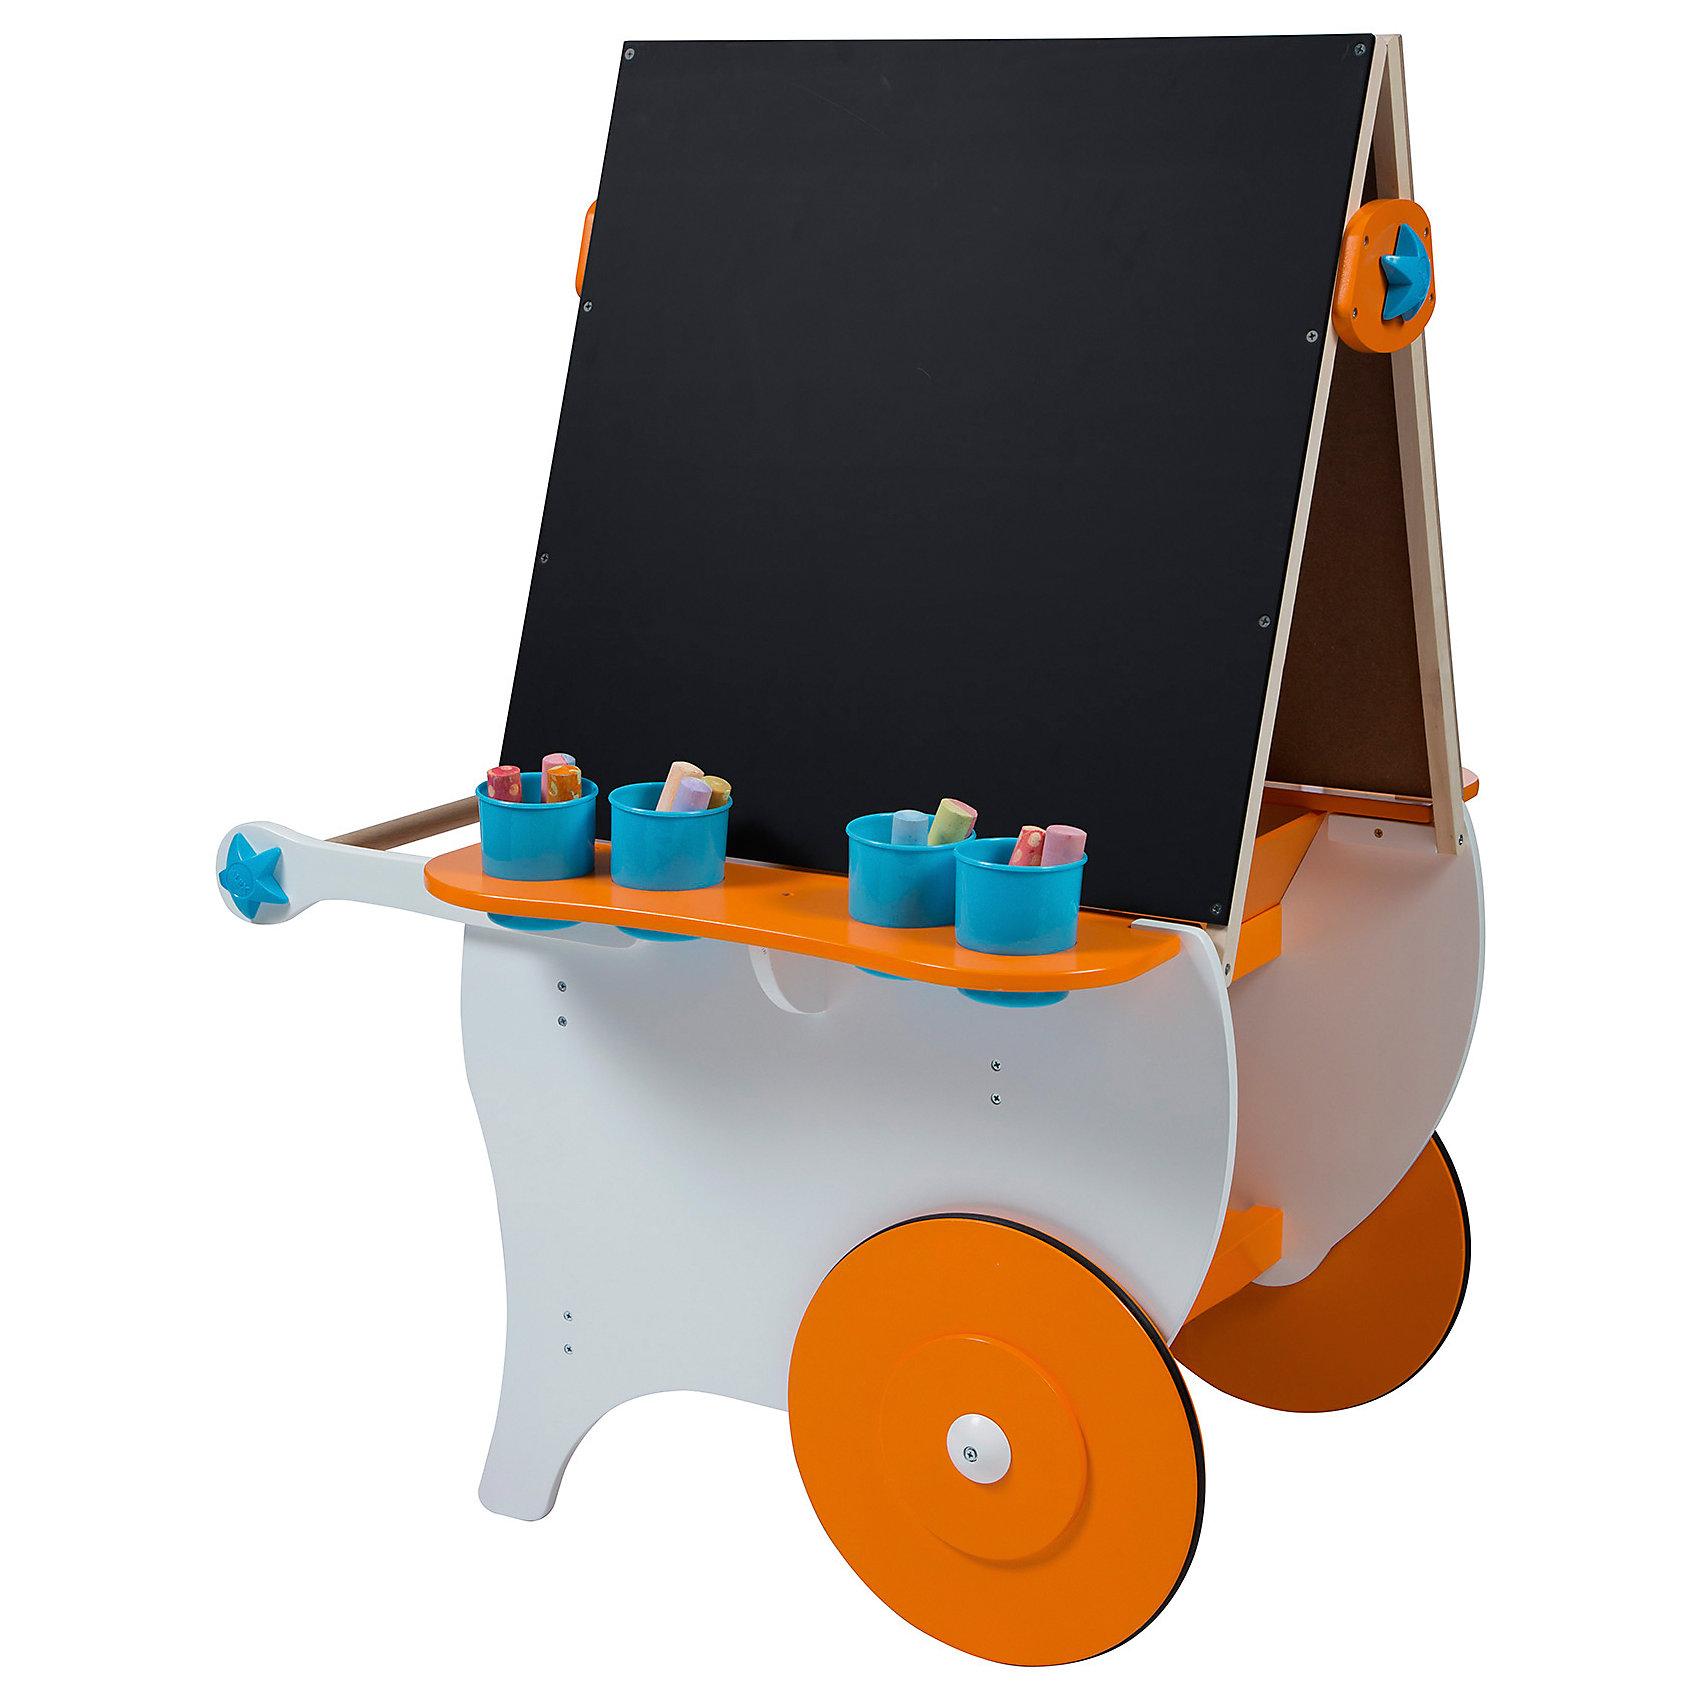 Центр для творчества «Художники» на колесах, ALEX  купить диван кровать хорошем качестве